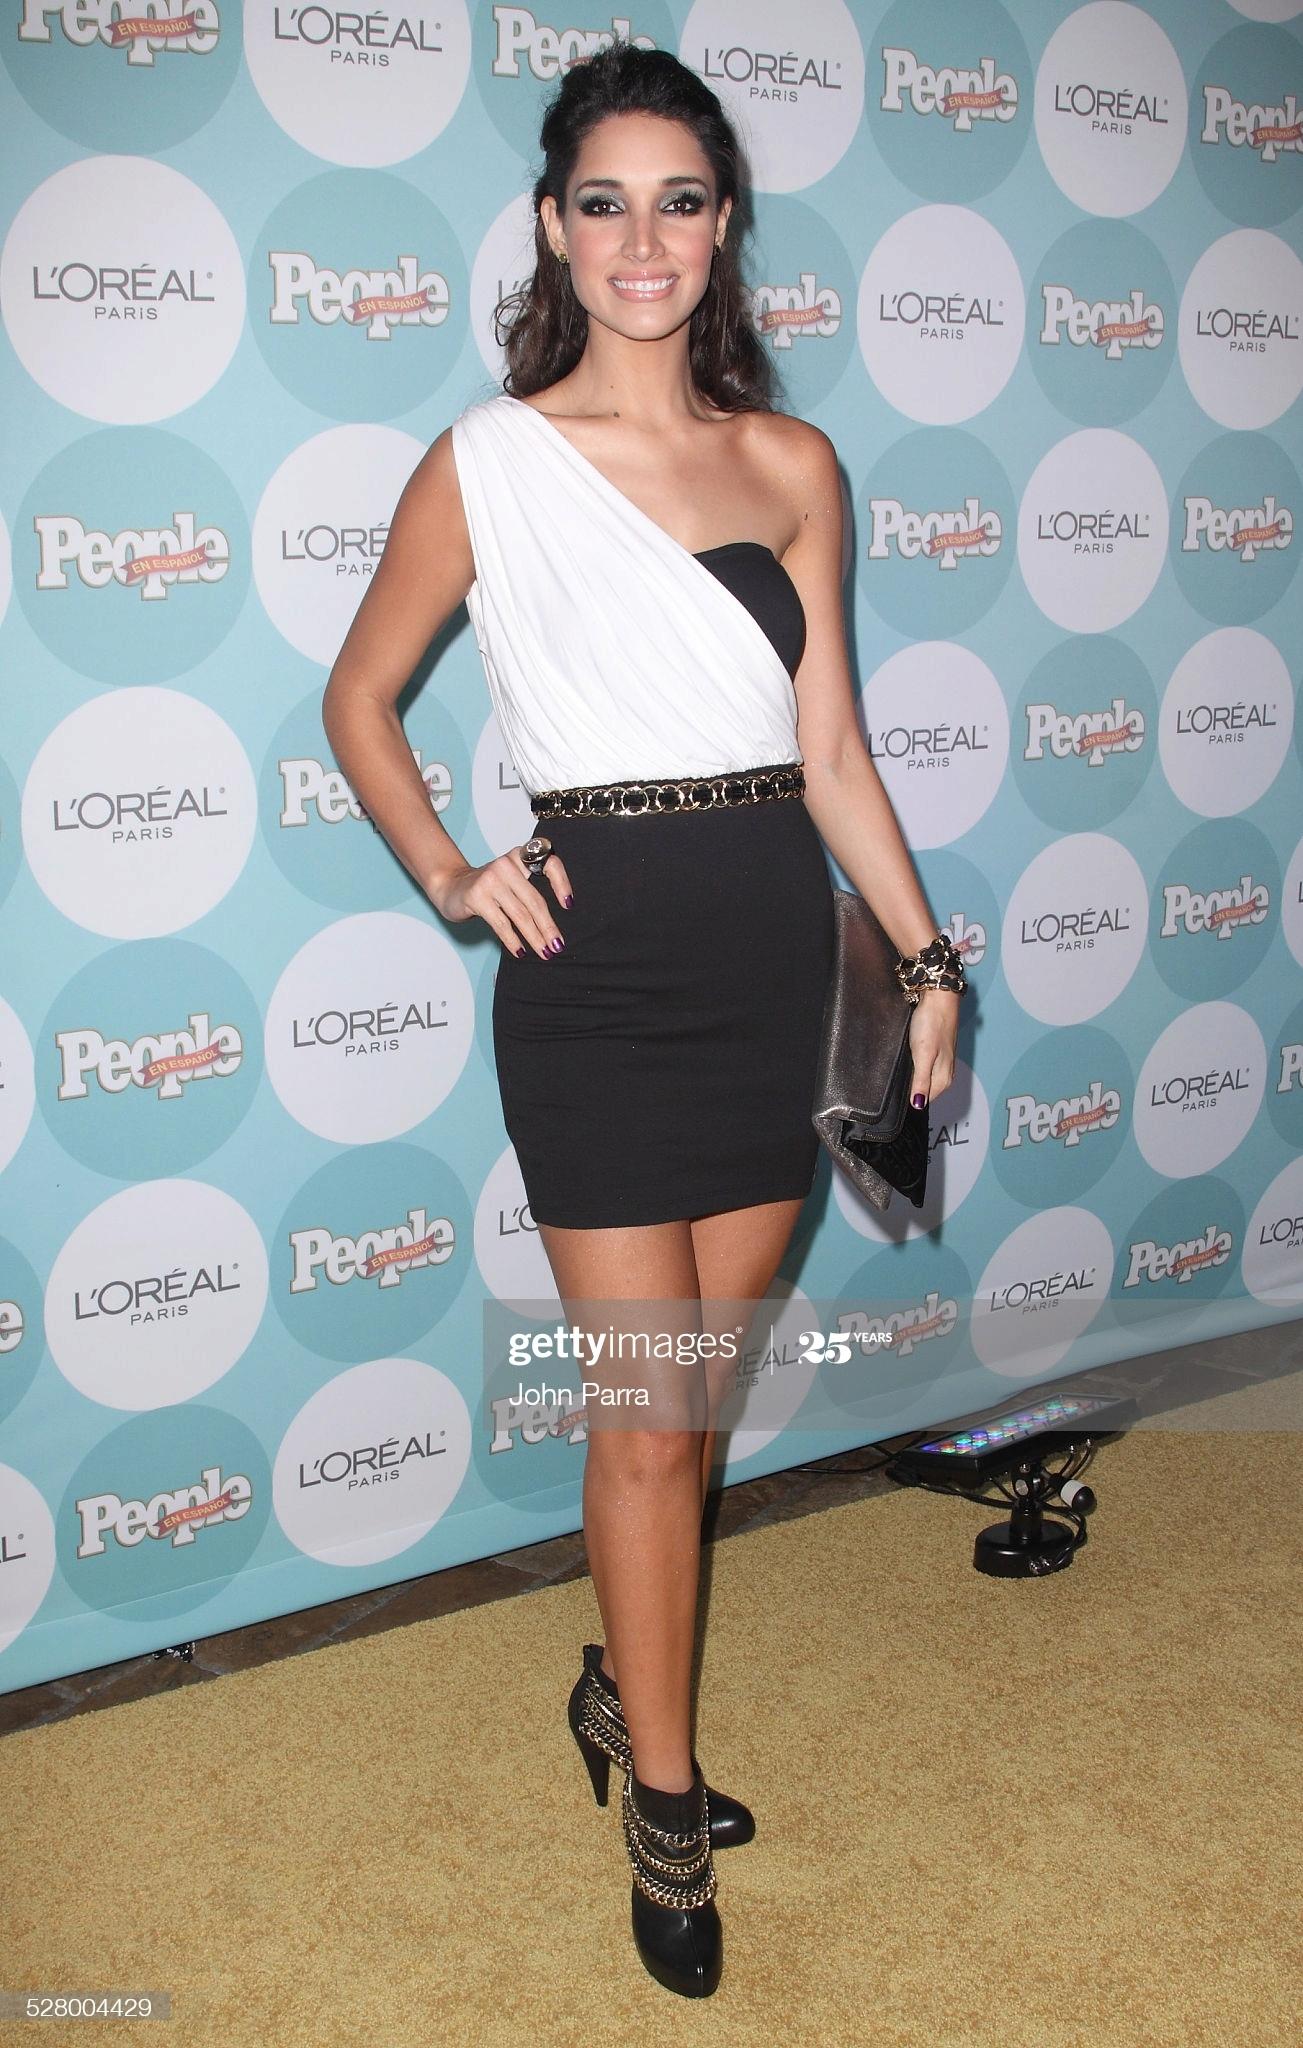 ════ ∘◦❁◦∘ ════ Amelia Vega, Miss Universe 2003. ════ ∘◦❁◦∘ ════ - Página 12 Amelia13